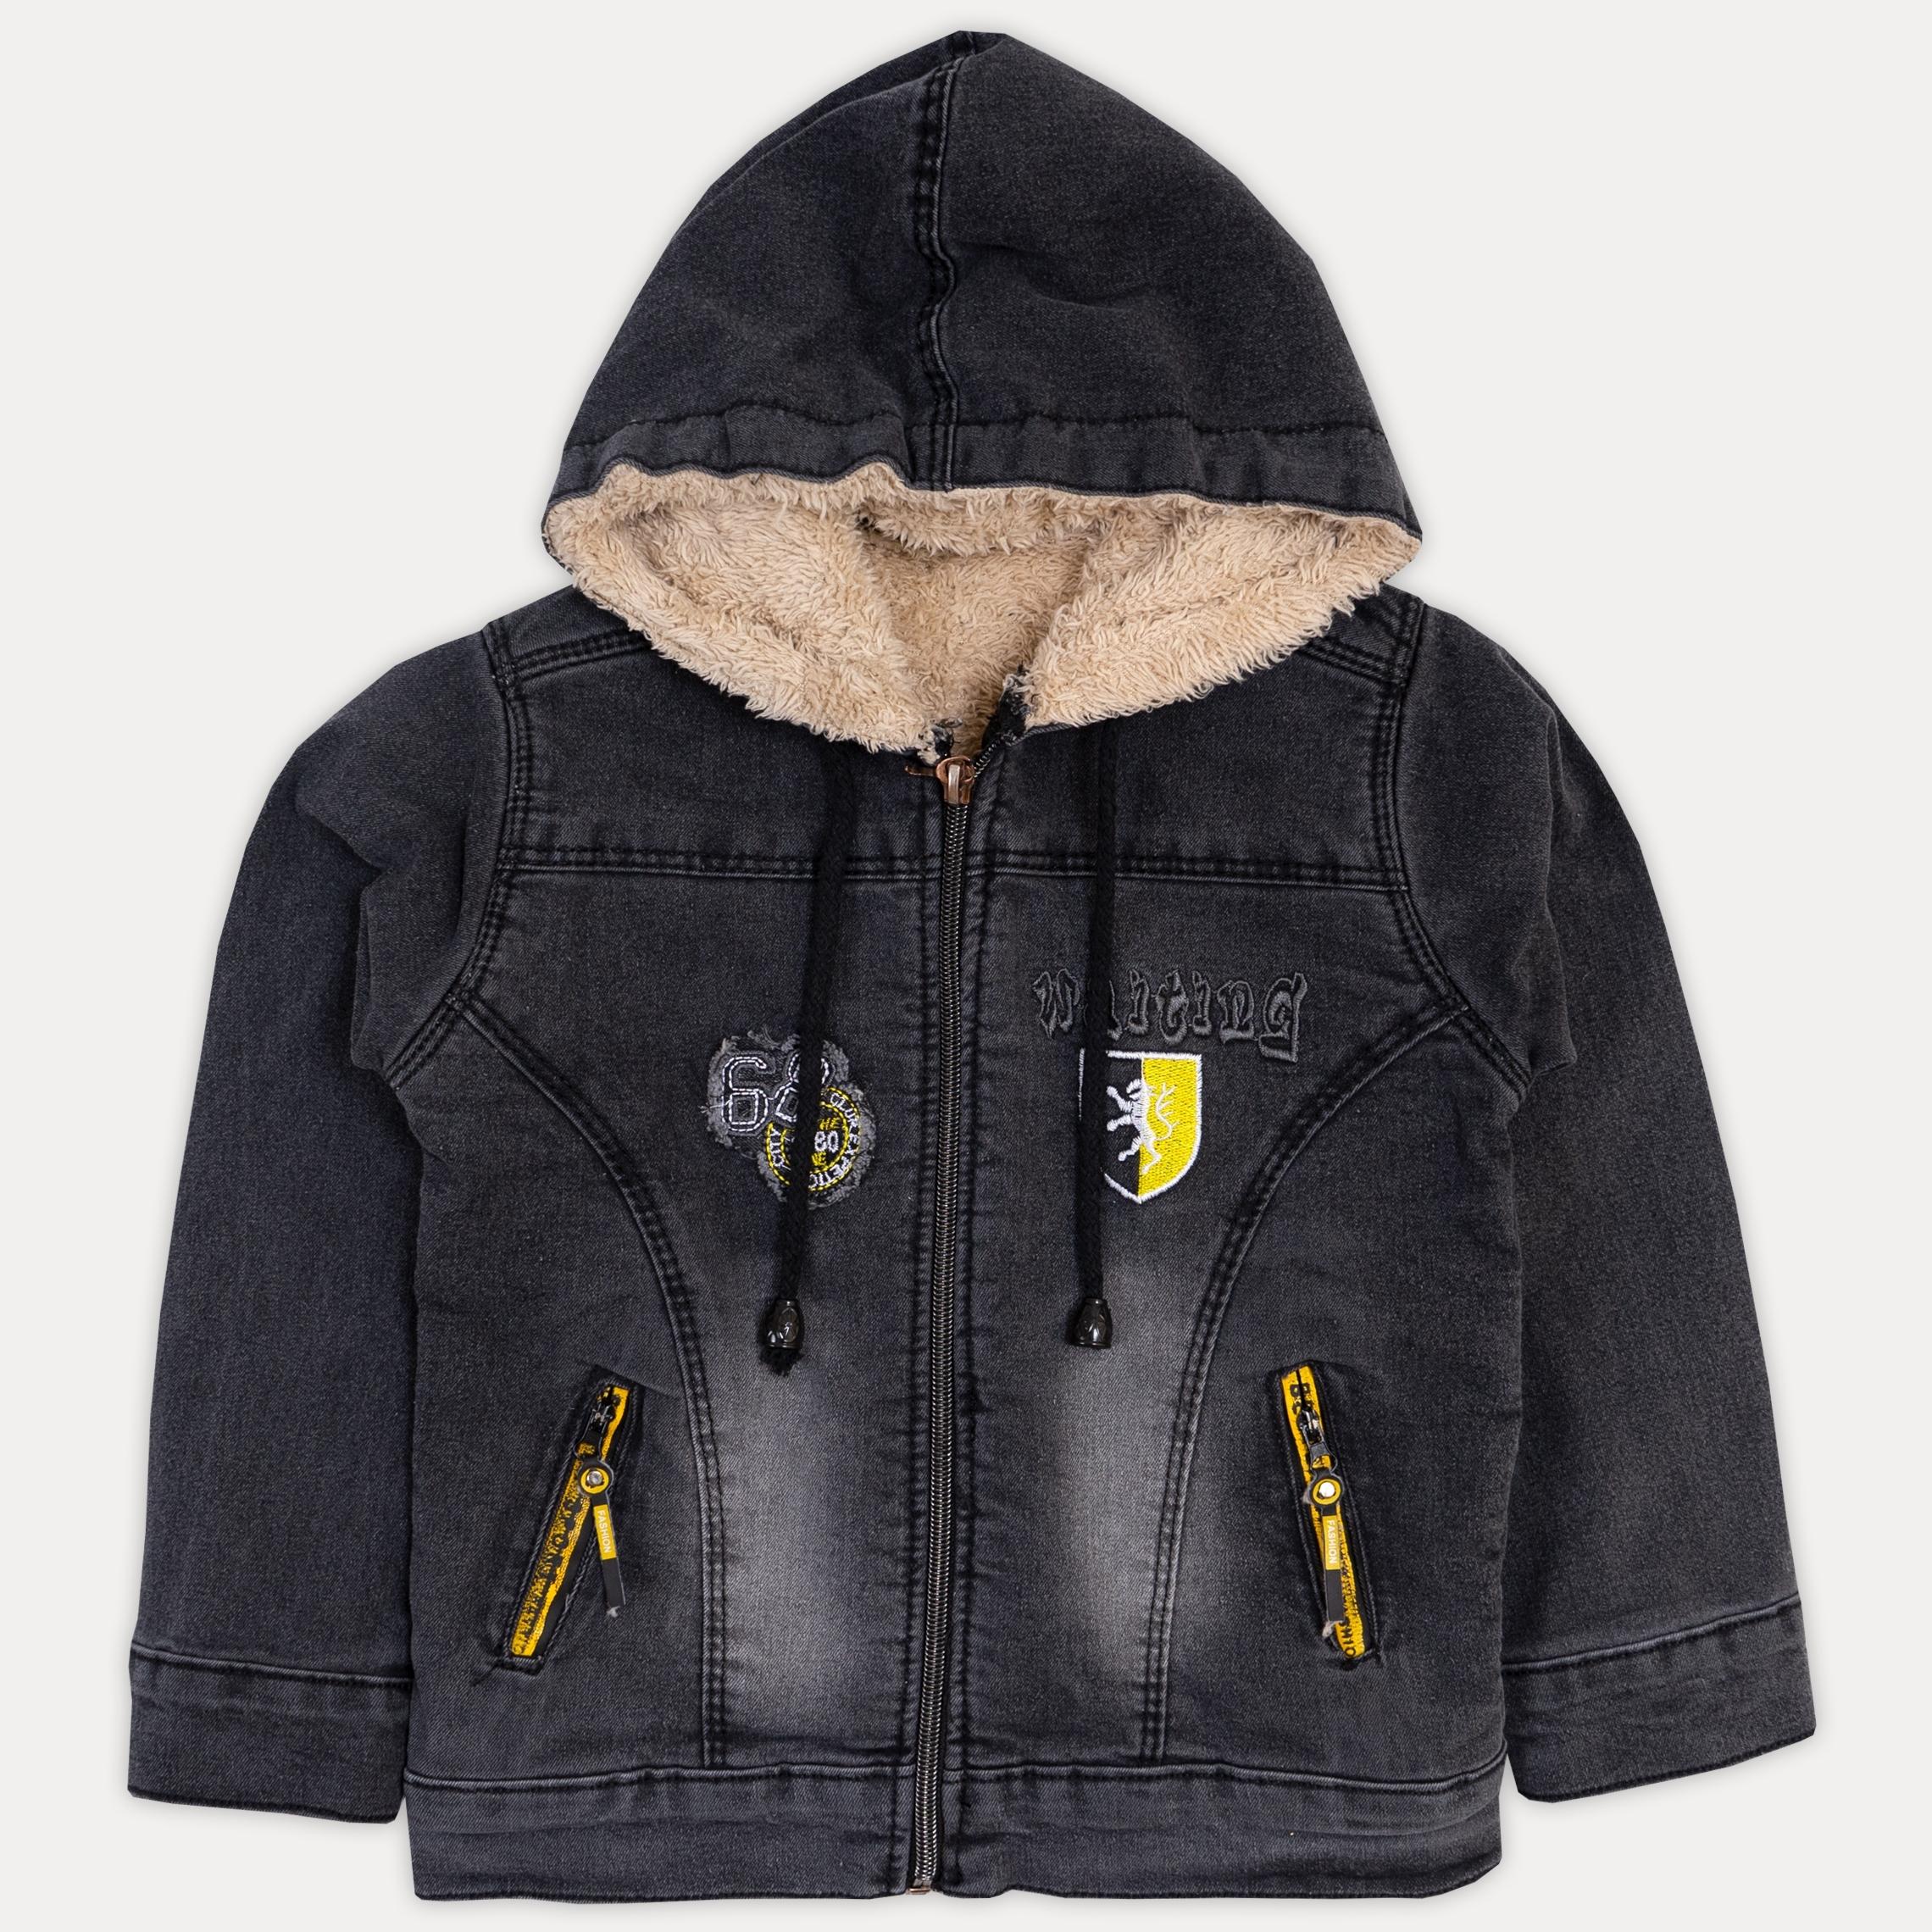 Модная джинсовая меховая курточка с капюшоном на м ...